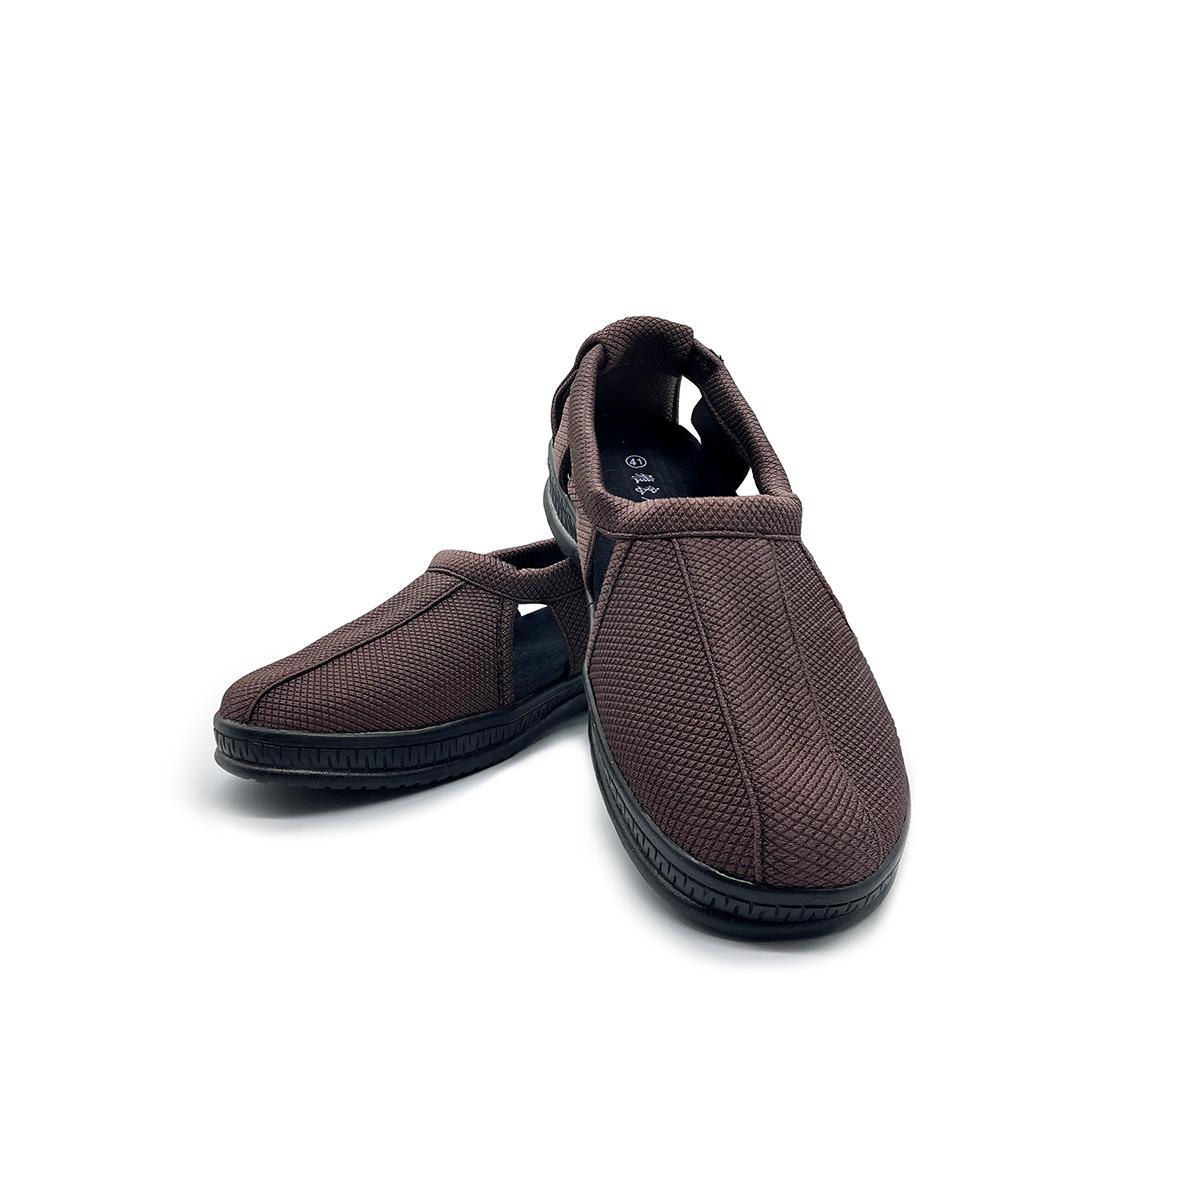 《雅客》足弓鞋 羅漢鞋 (四色)